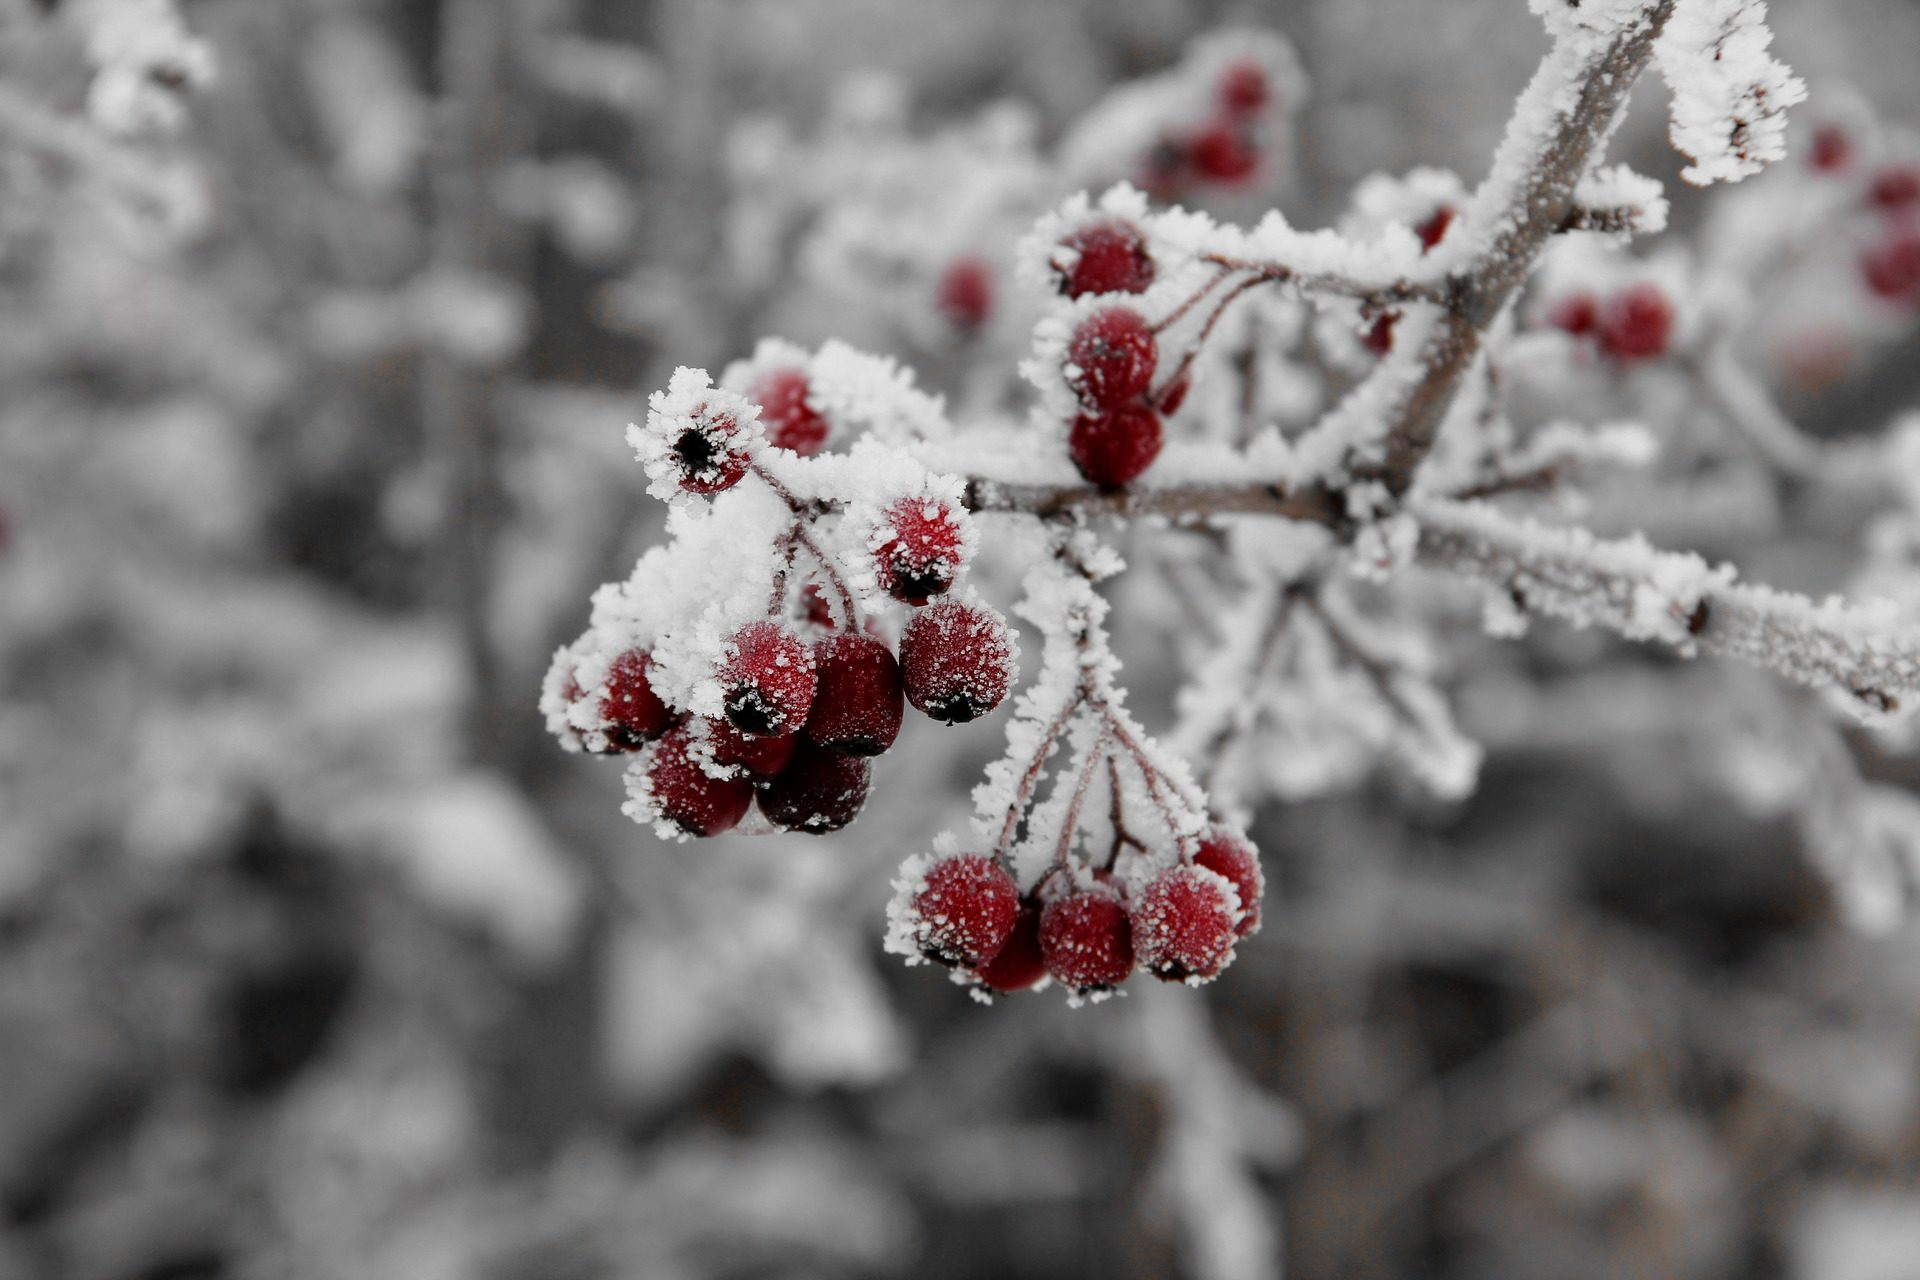 petits fruits, cluster, Direction générale de la, neige, Hiver, Rouge - Fonds d'écran HD - Professor-falken.com